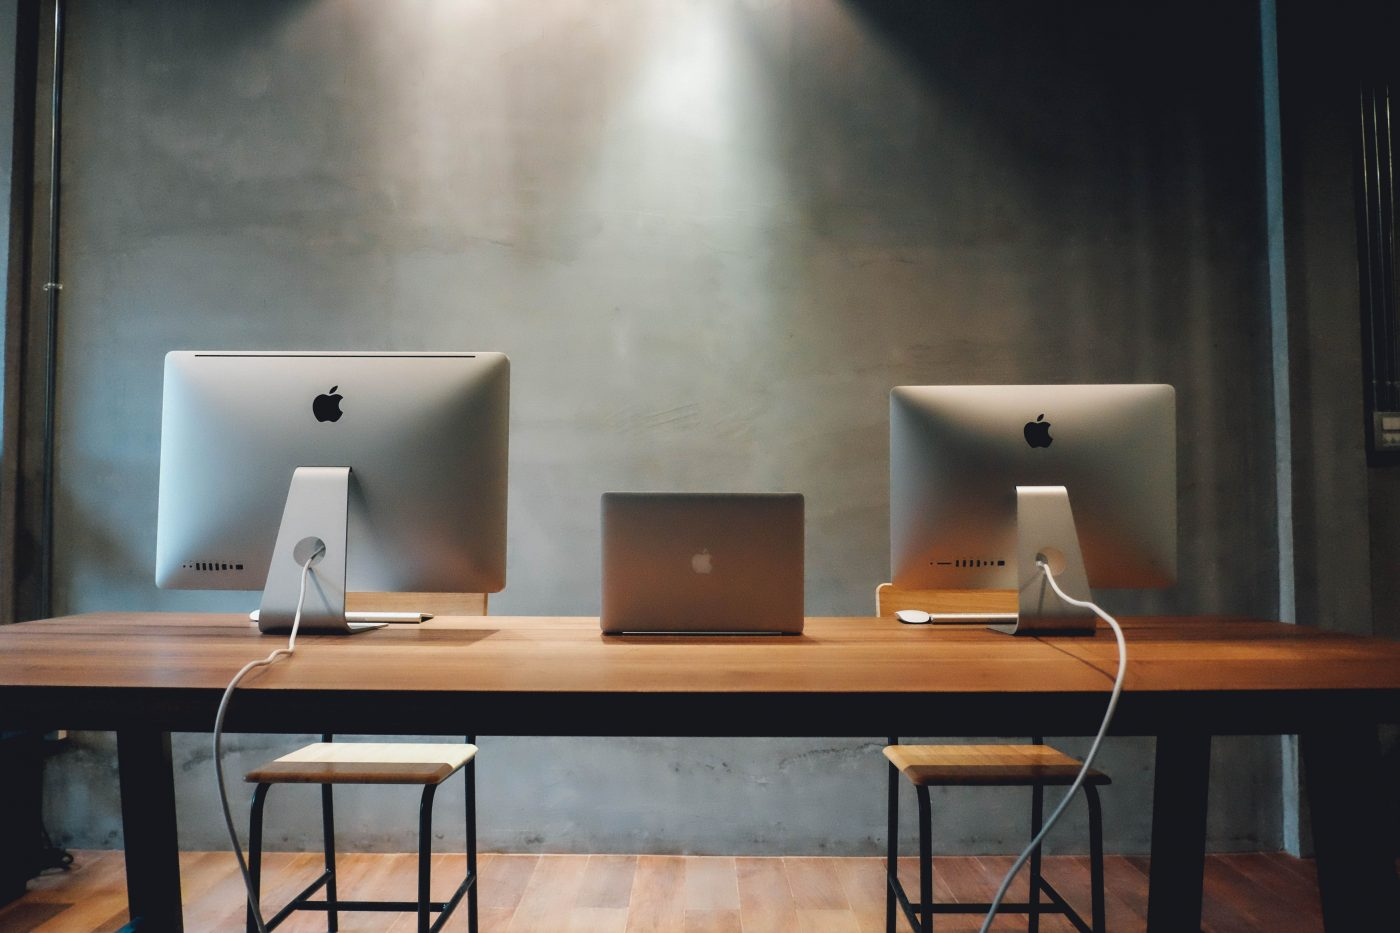 2019年1月30日に今年度1Qを終えたApple Inc. がプレスリリースを発表した。全体の売上高が予想を下回ったものの、サービス・Macおよびウェアラブルの売上高が新記録を達成した。